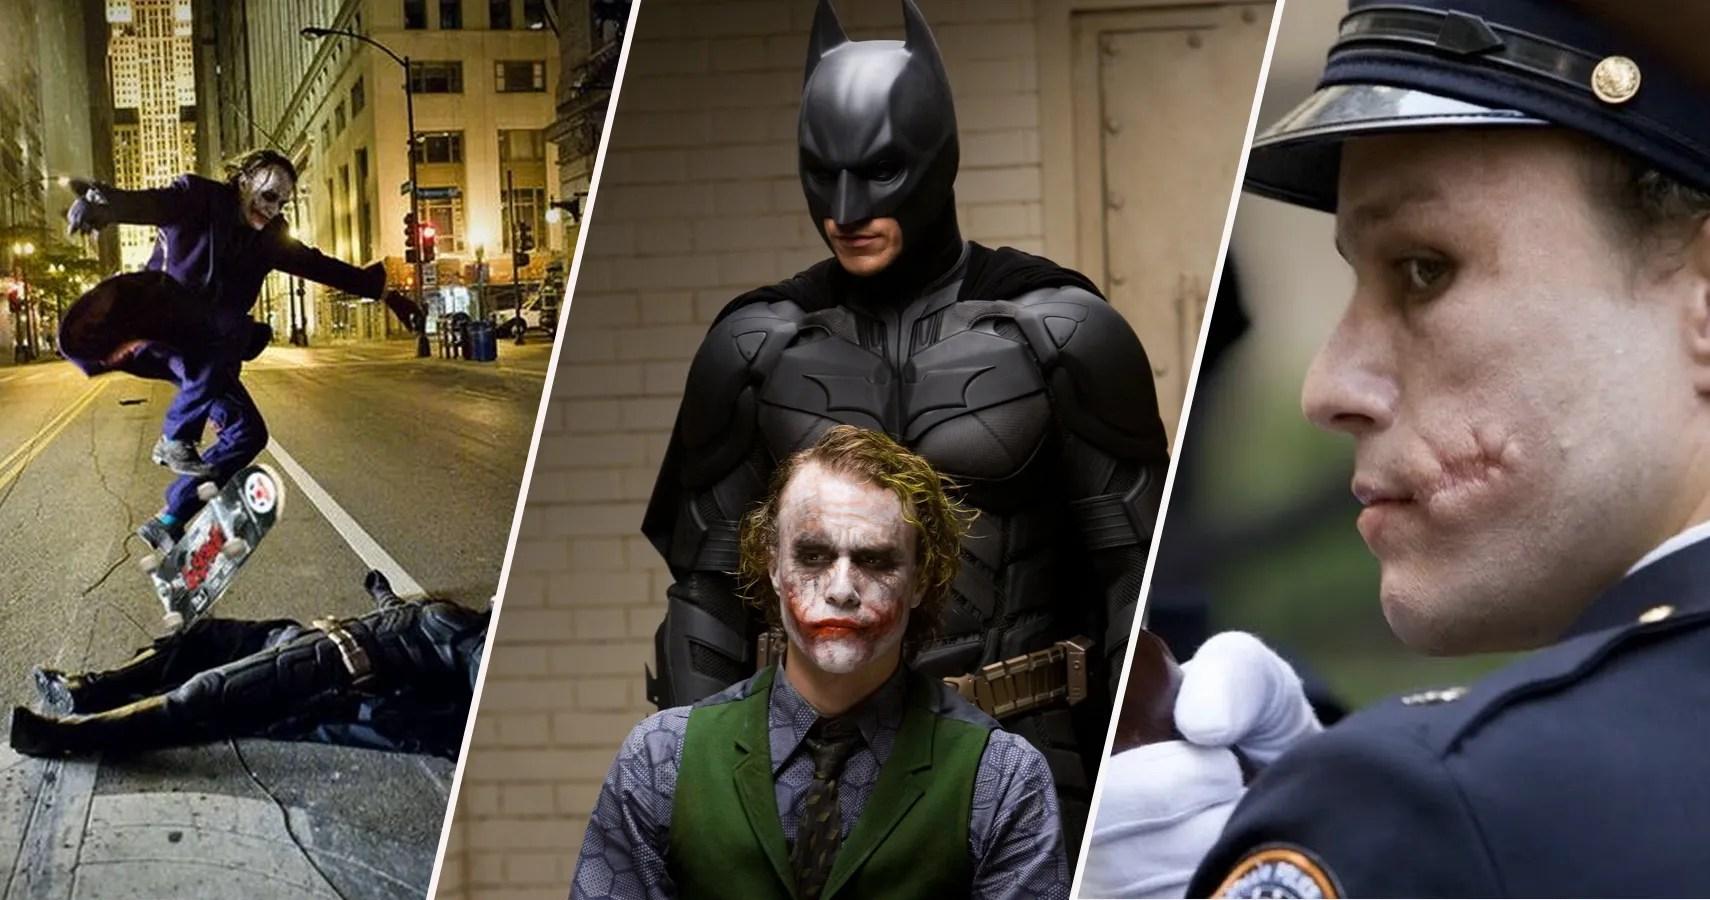 25 Details About Heath Ledger's Joker That Fans Choose To